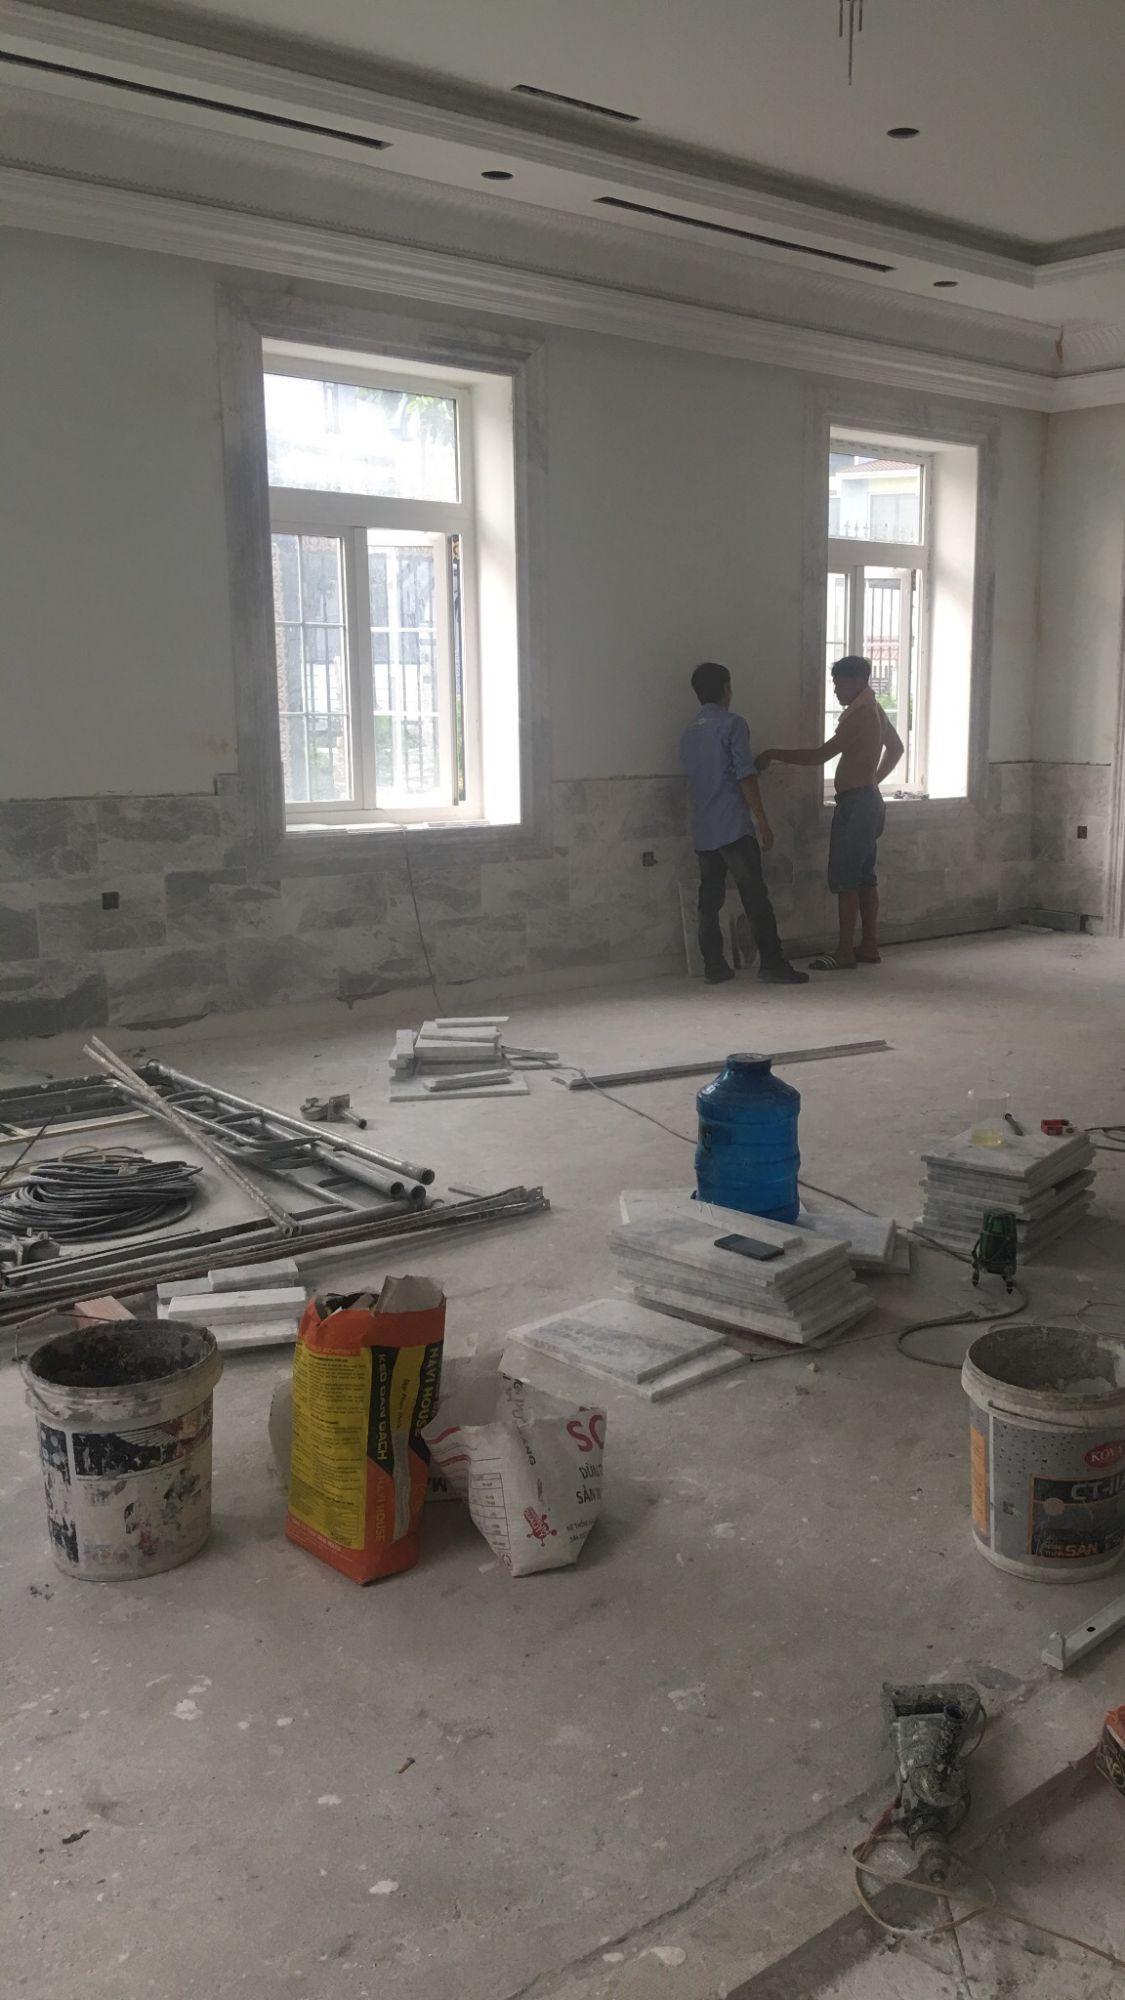 thi công các sản phẩm đá ốp lát tự nhiên cao cấp cho công trình Biệt thự hiện đại của anh Tâm